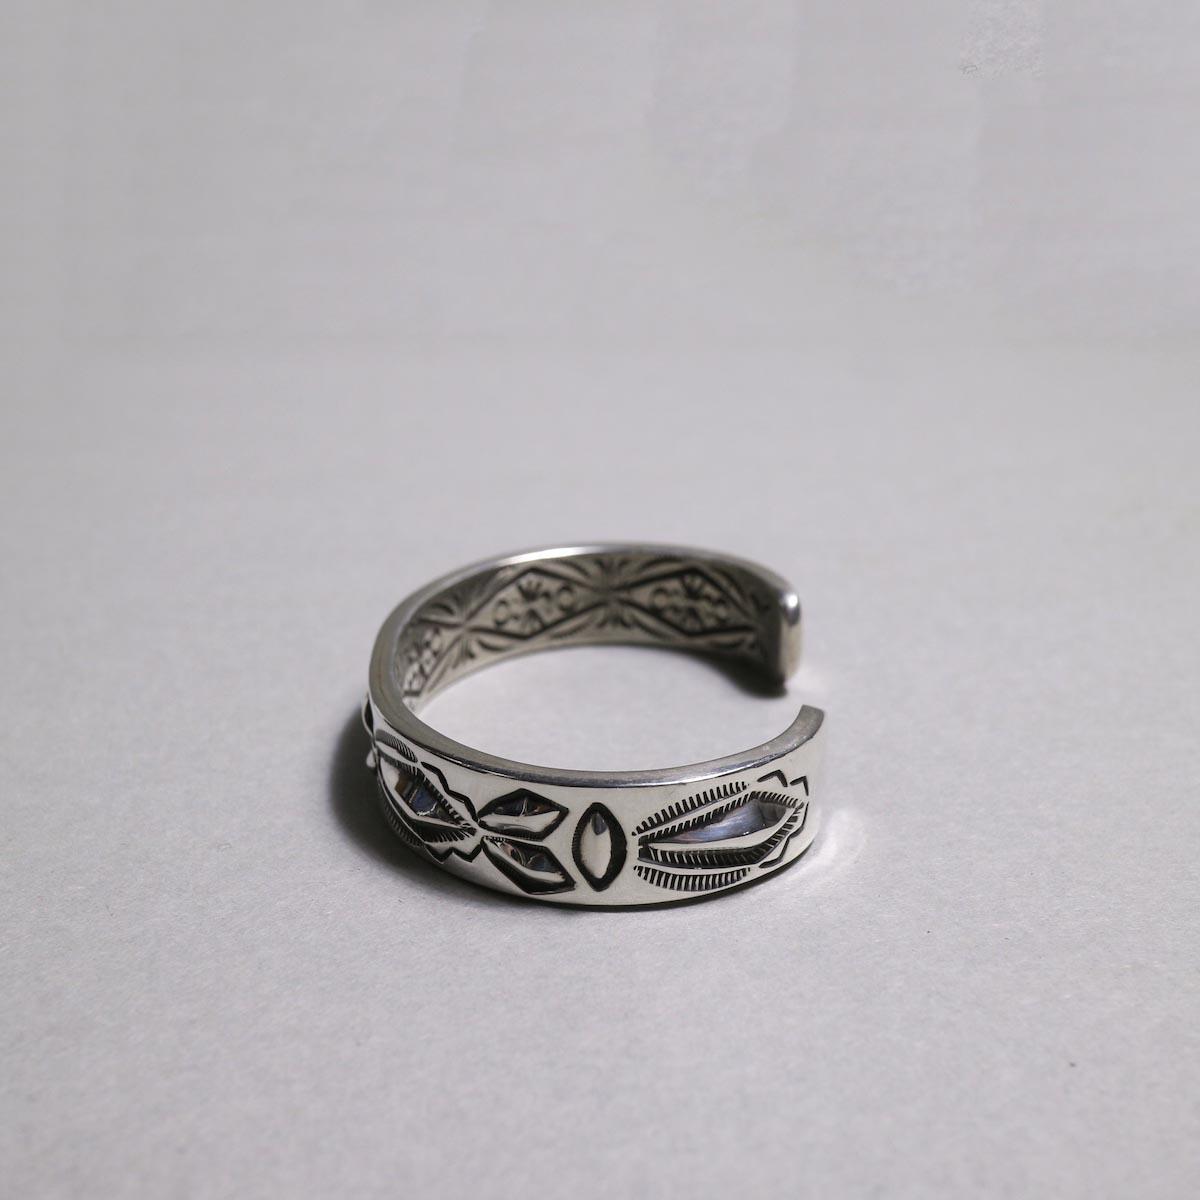 RAY ADAKAI / Double Stamp Bracelet (B)横